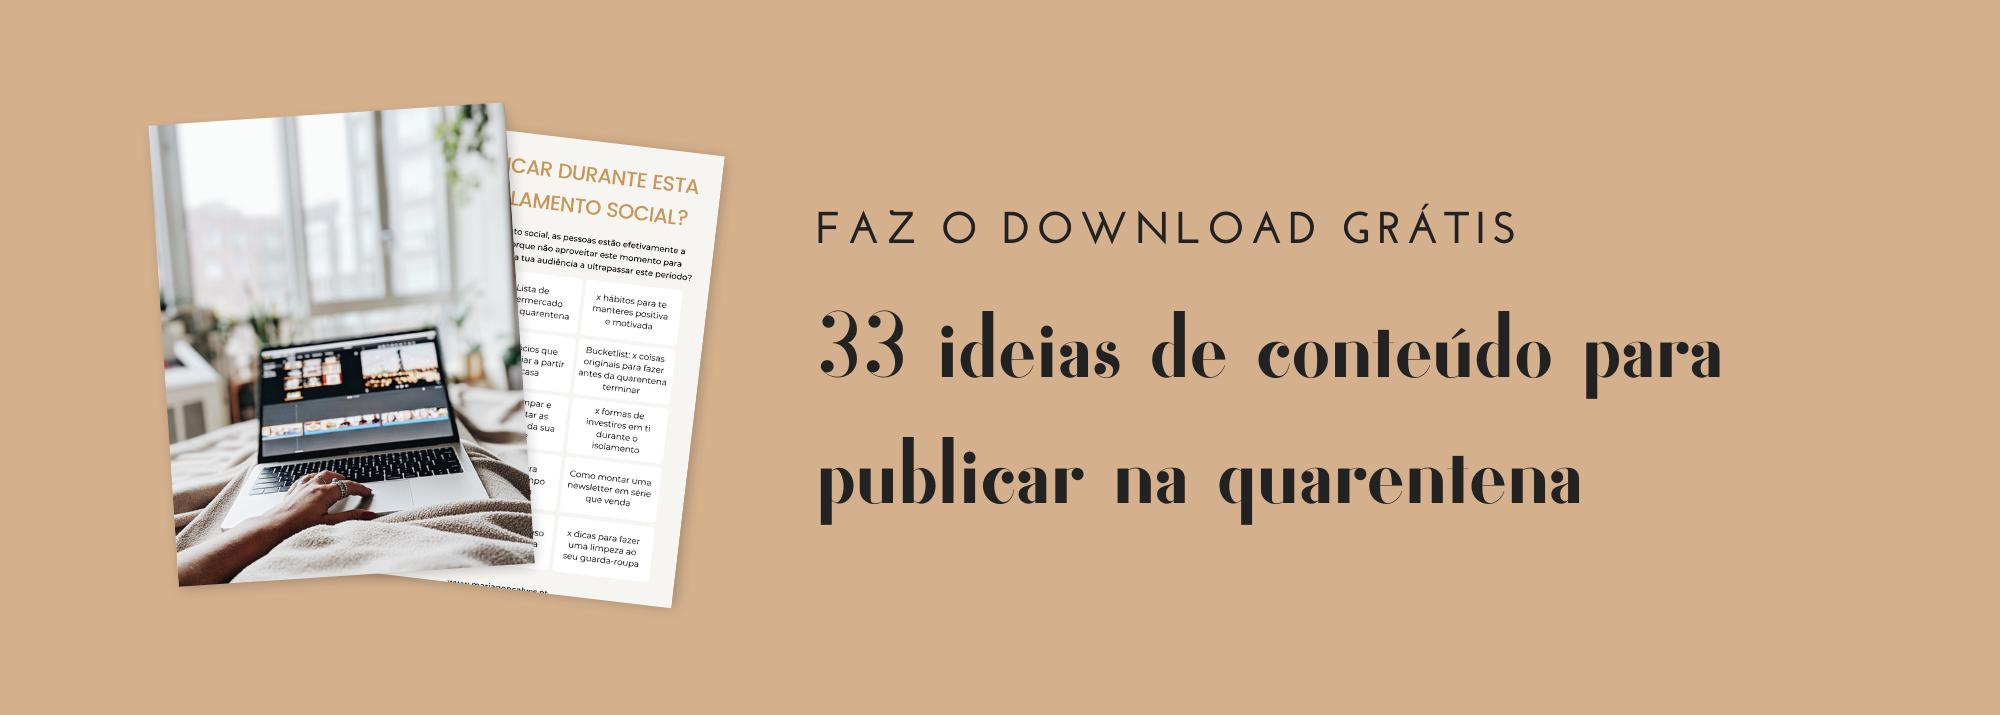 ideias de conteúdo